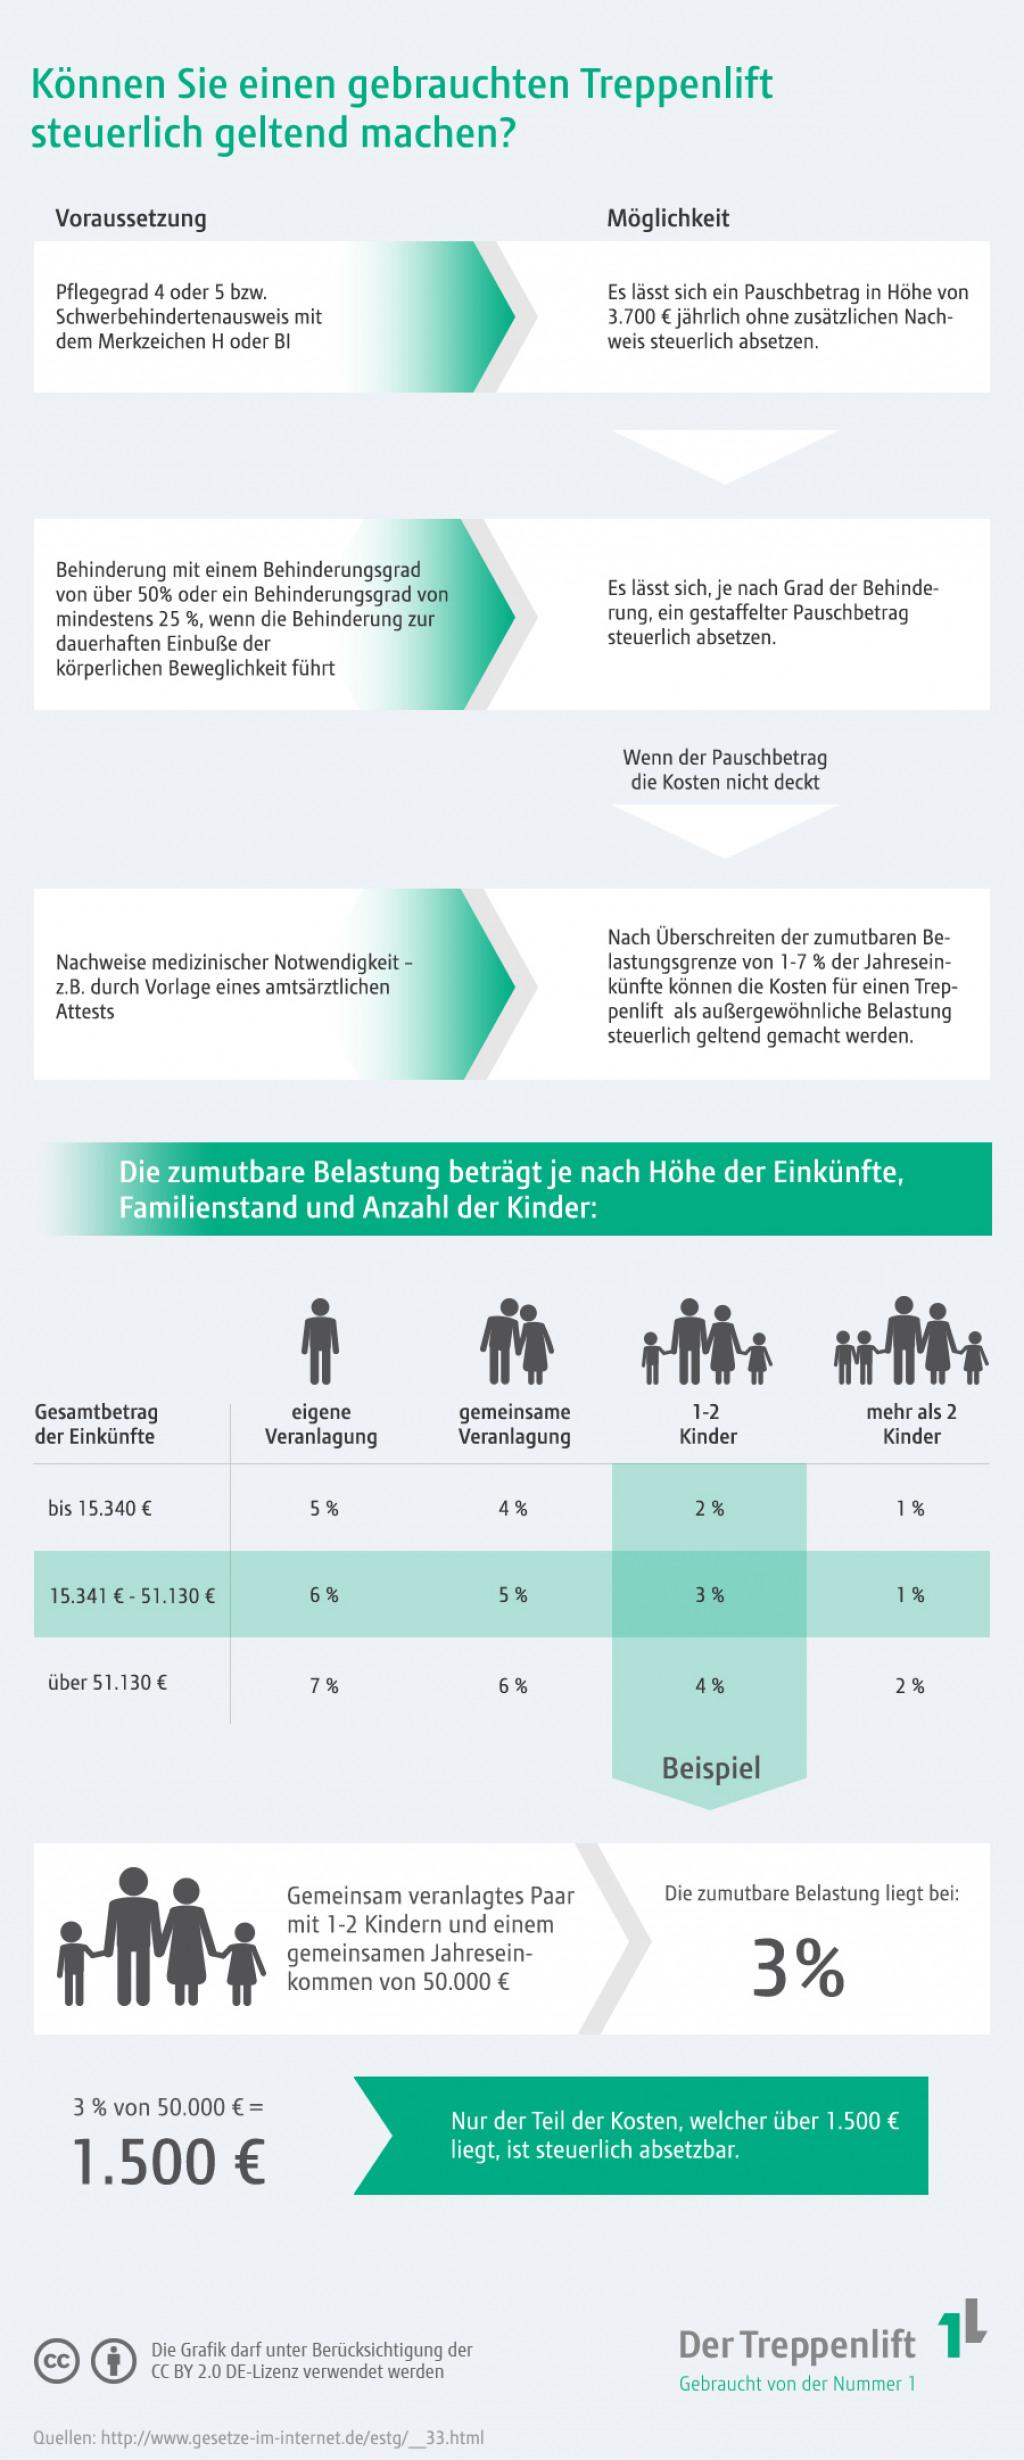 Infografik: Treppenlifte von der Steuer absetzenInfografik: Treppenlifte von der Steuer absetzen